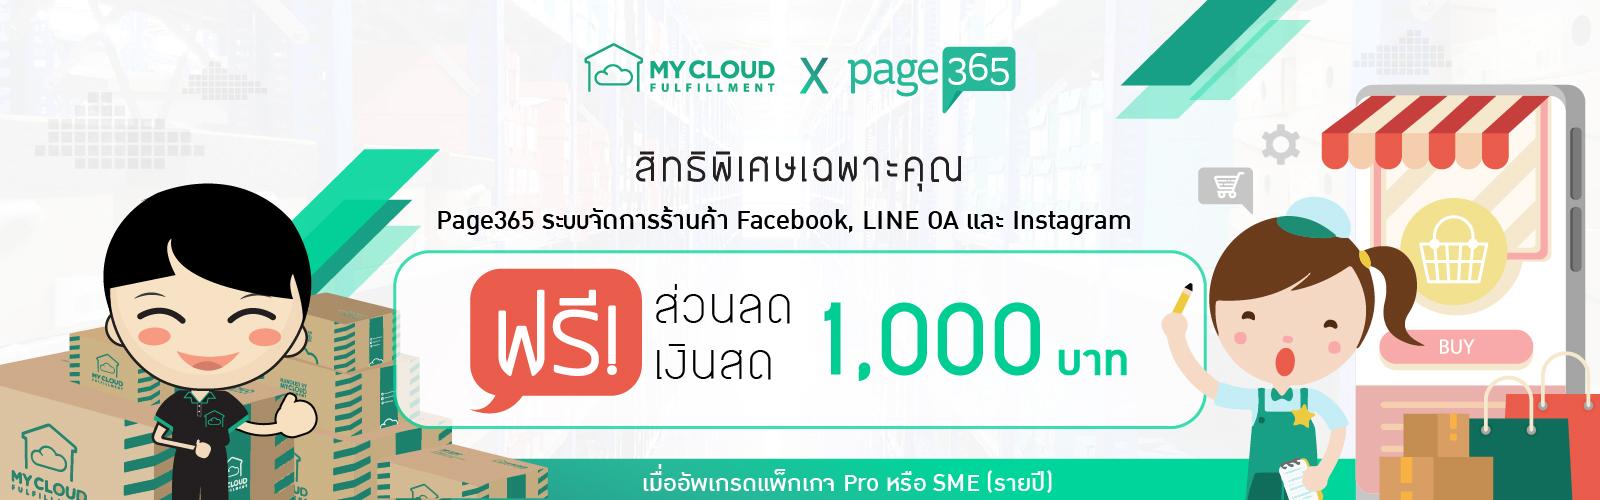 MyCloud X Page365